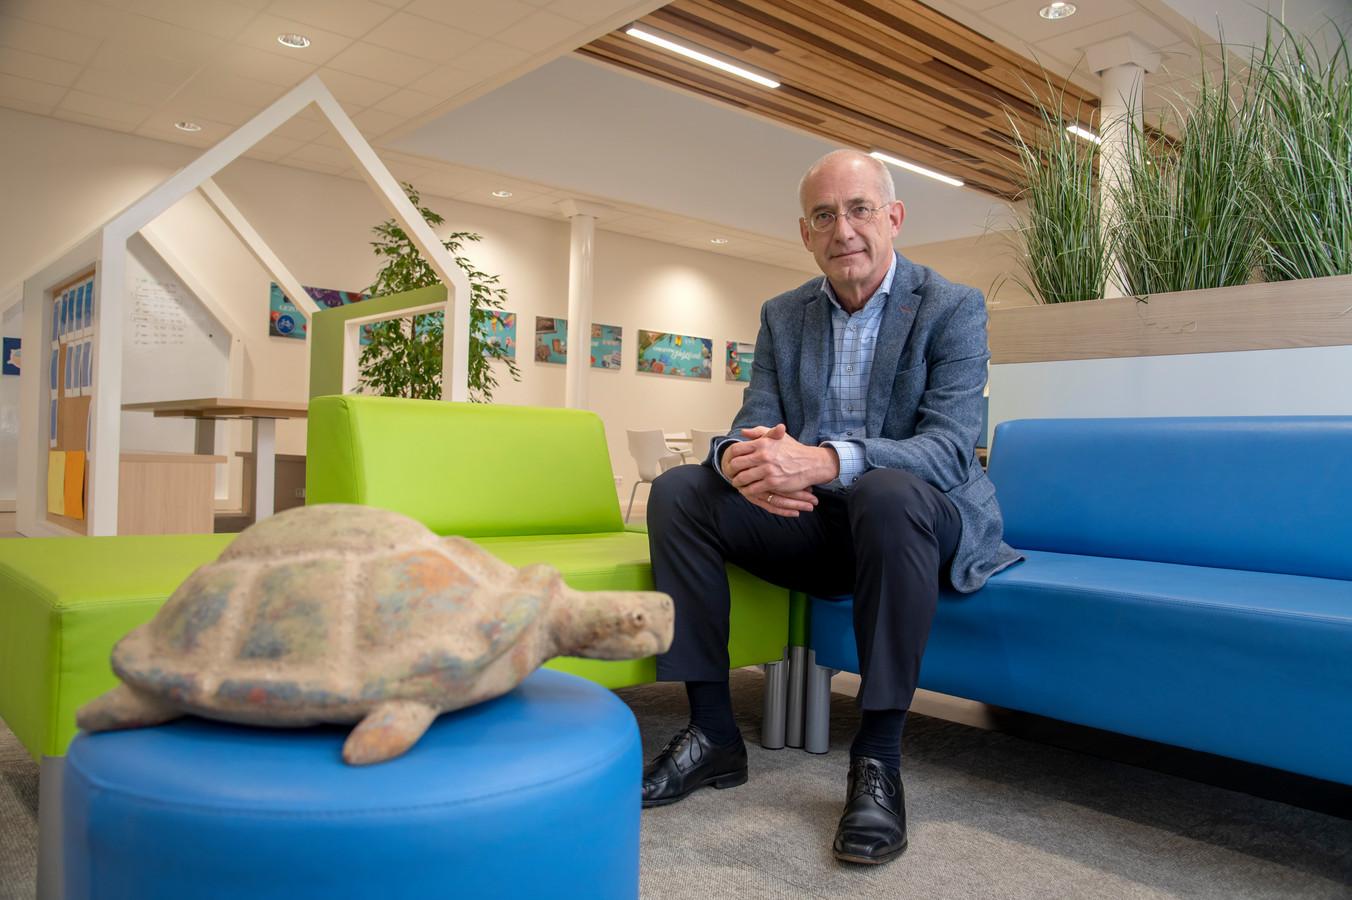 Leo Duifhuizen neemt na veertig jaar afscheid van 'zijn' Christelijk College Groevenbeek.,, Ik ben hier geworteld en onderdeel van de gemeenschap geworden. En dat voelt goed.''